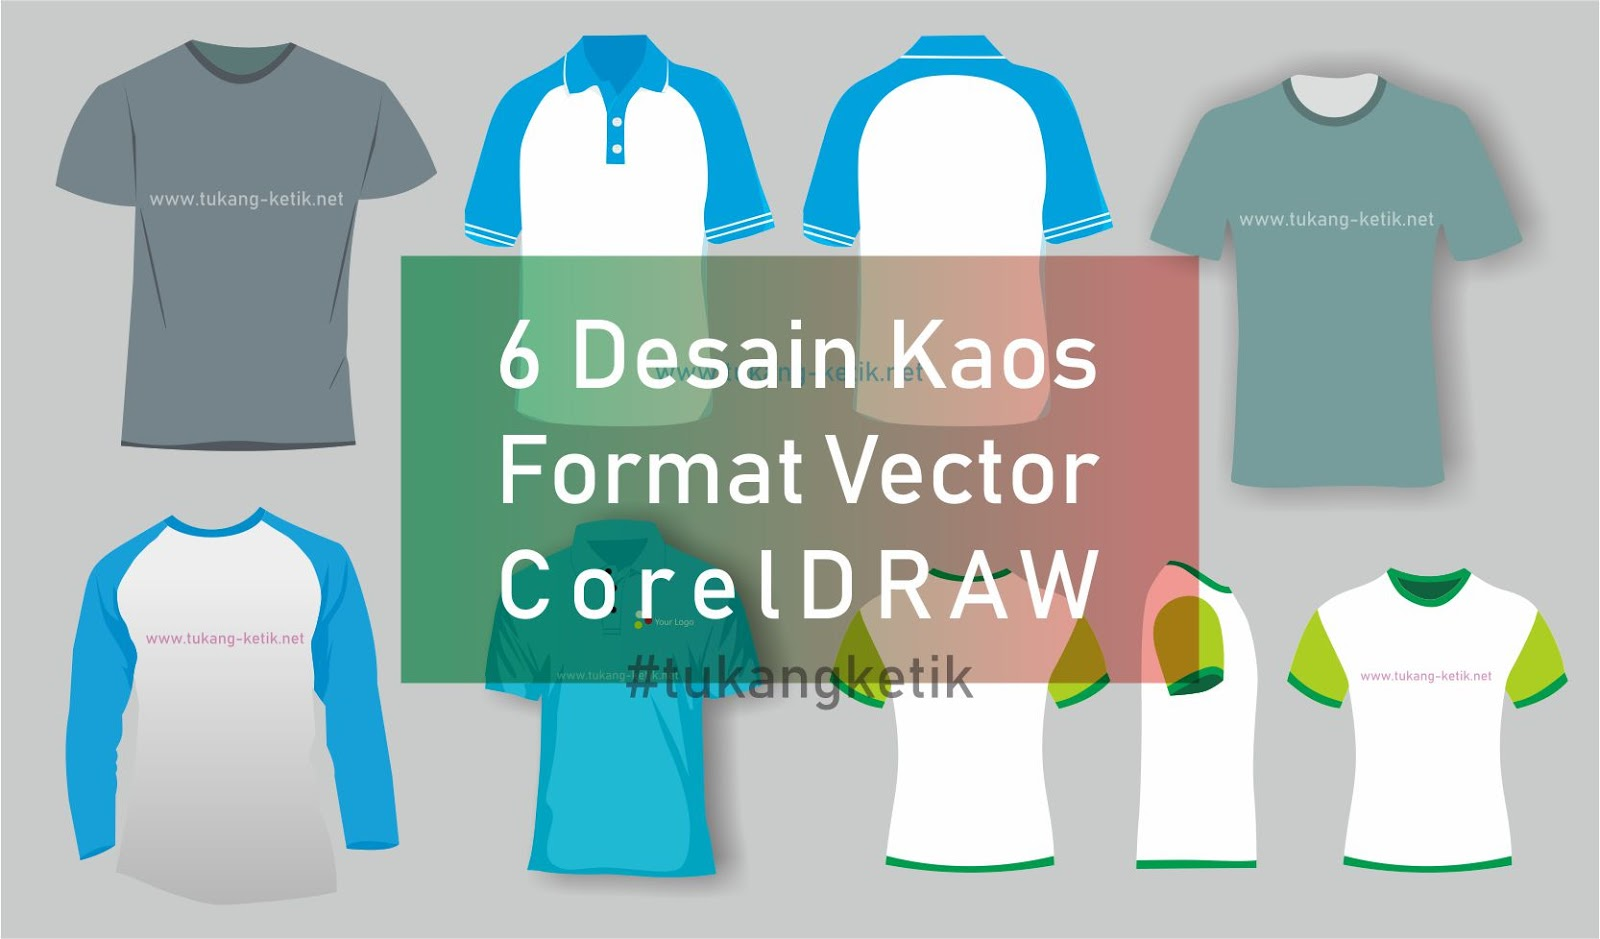 78 Gambar Download Desain Kaos Polos Cdr Terbaik Yang Bisa Anda Tiru